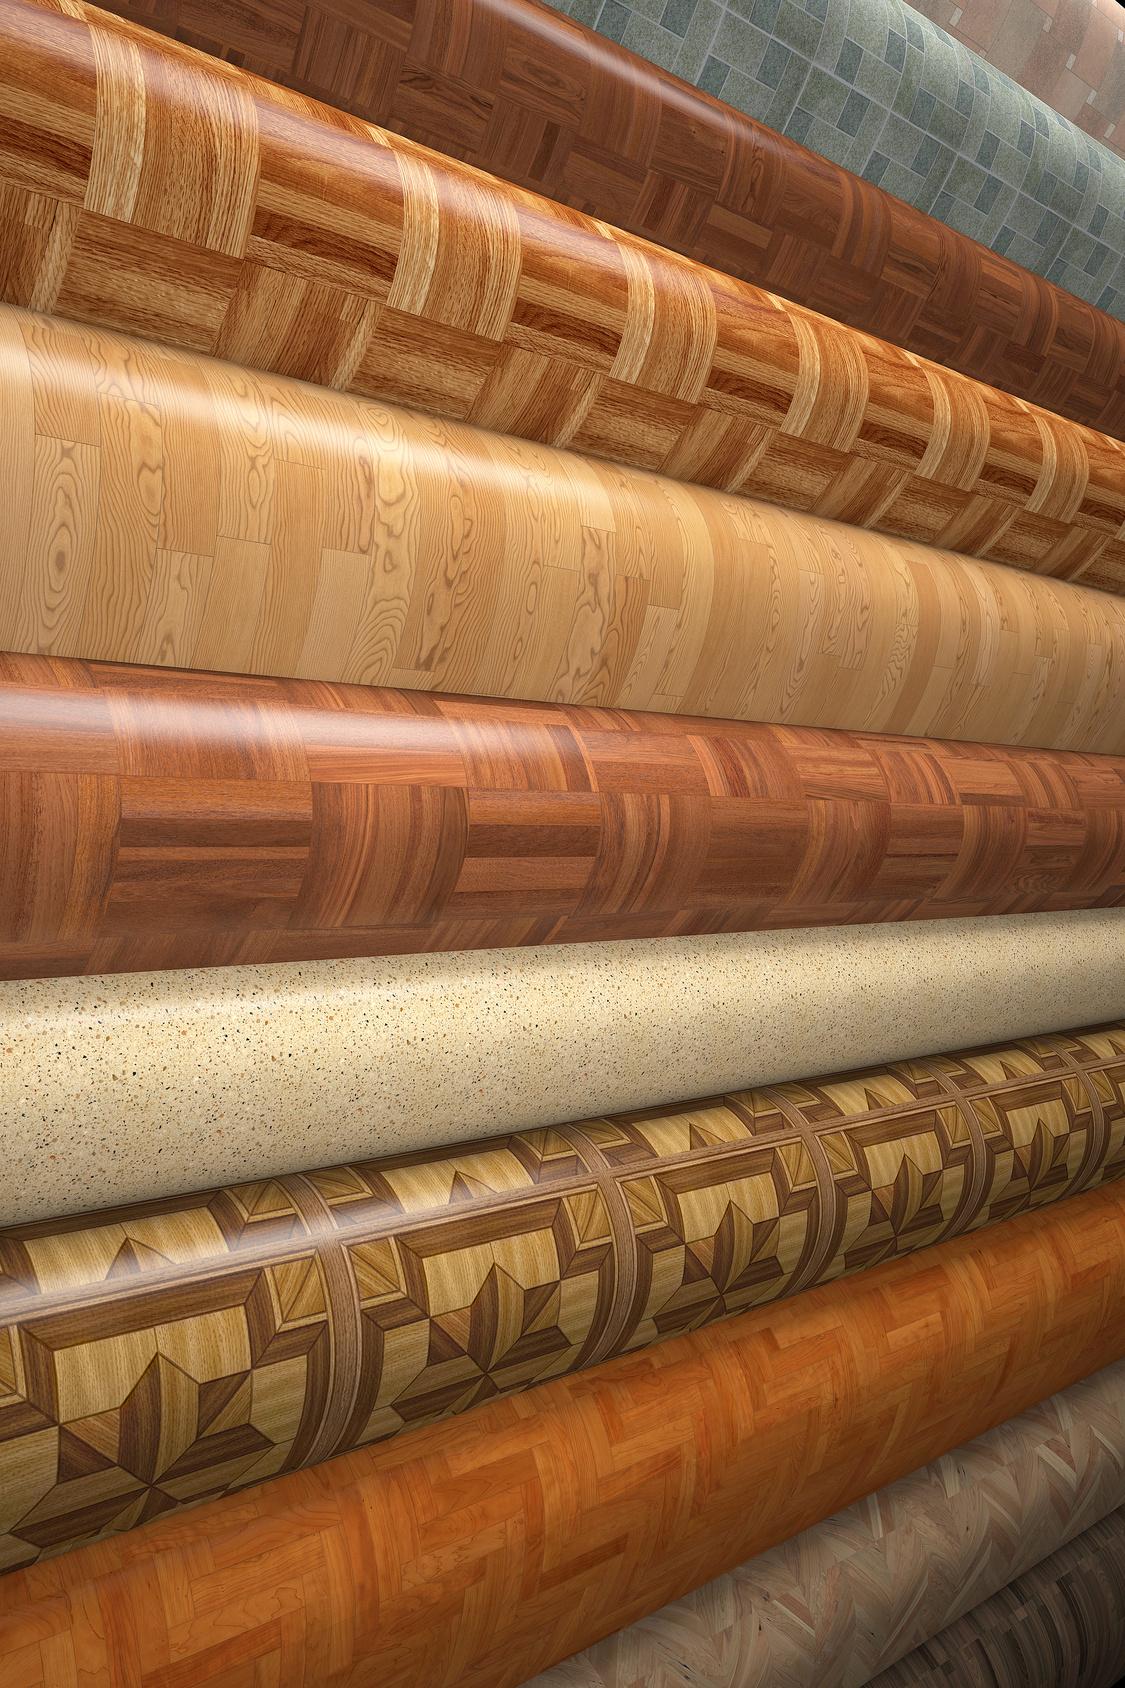 Elastische Bodenbelage Vielfalt In Material Und Design M Wawer